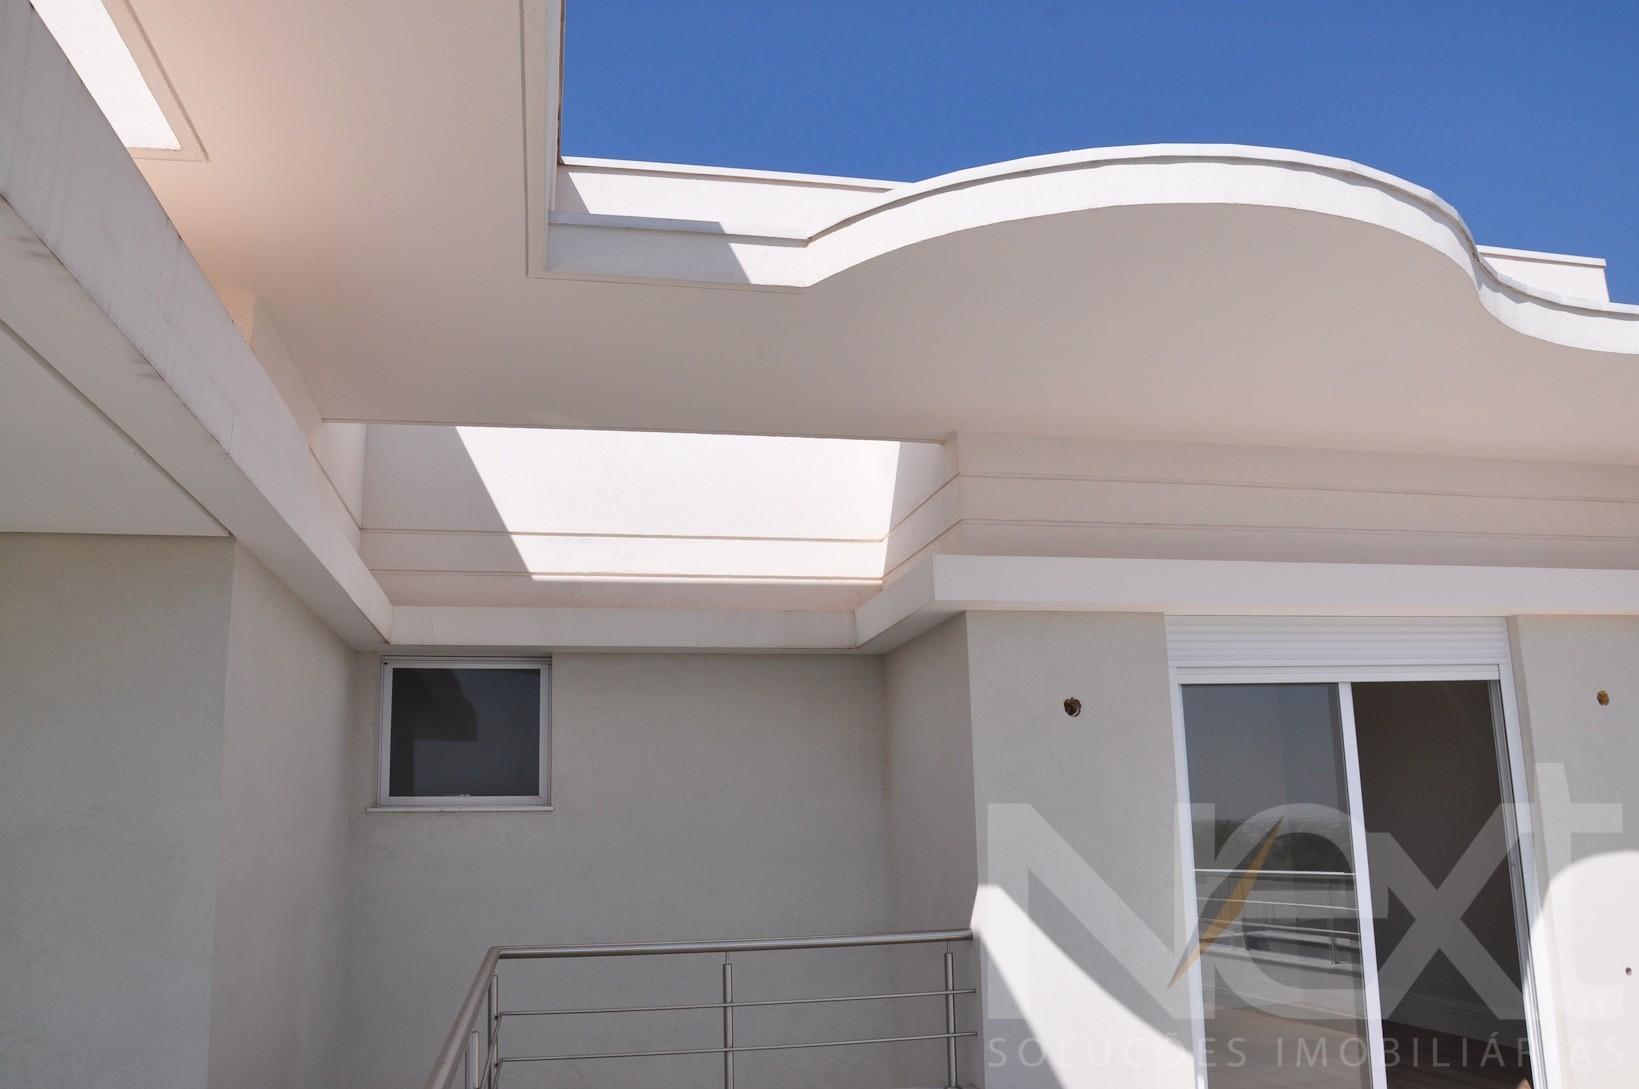 Casa de 4 dormitórios em Bairro Alphaville, Campinas - SP